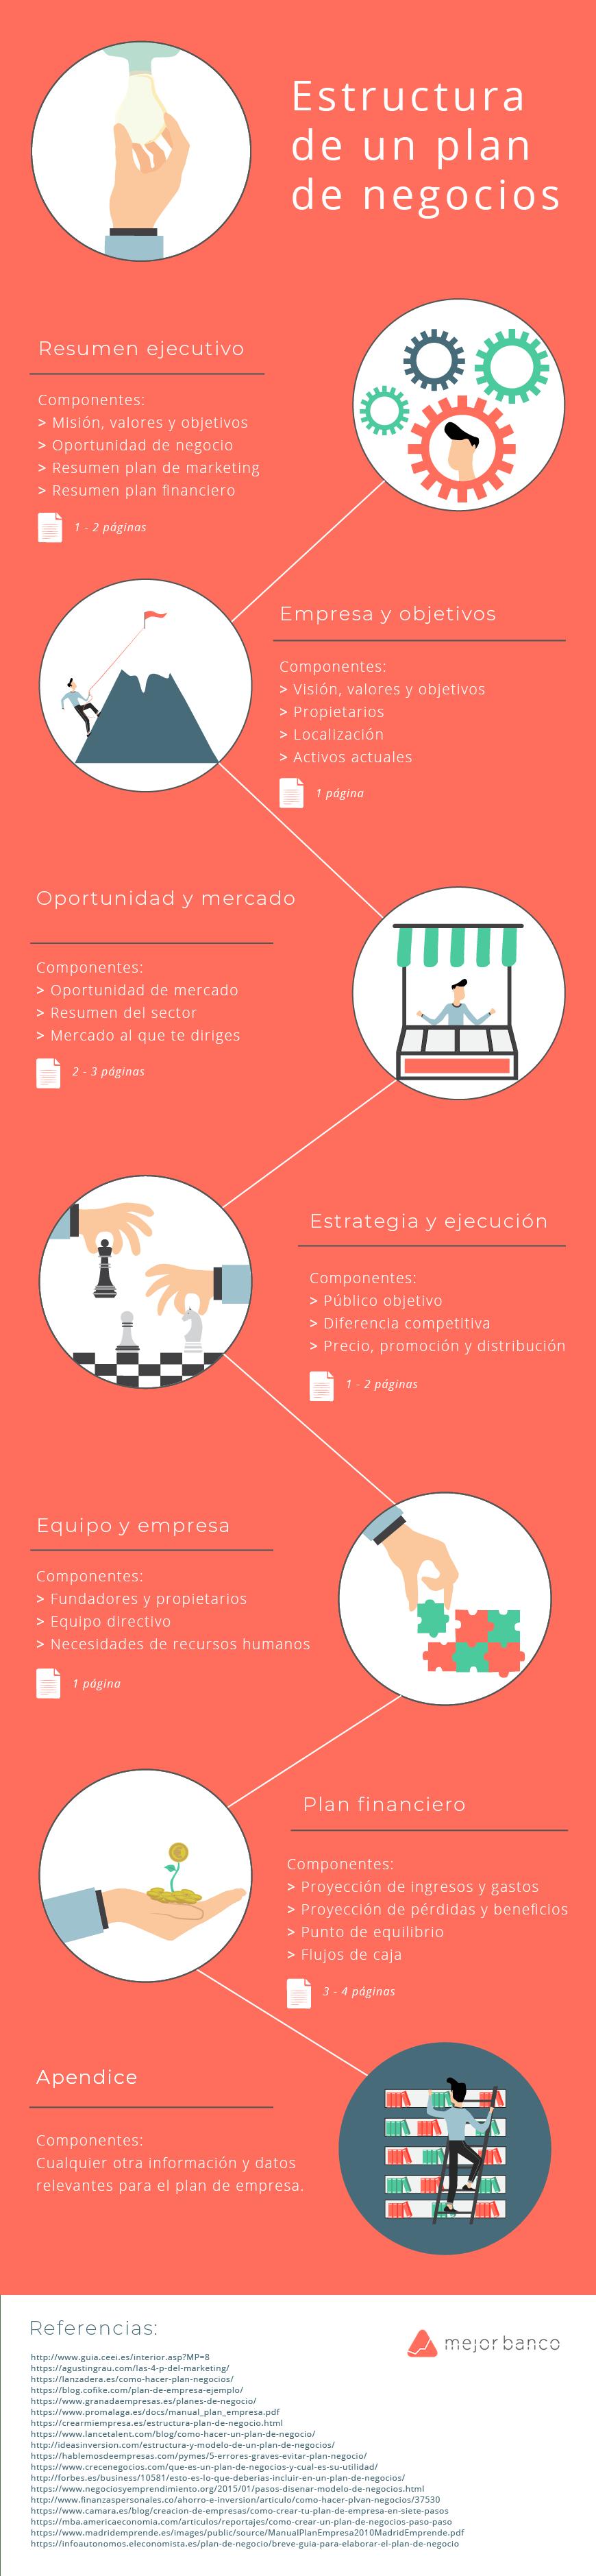 Estructura del plan de negocios infographics